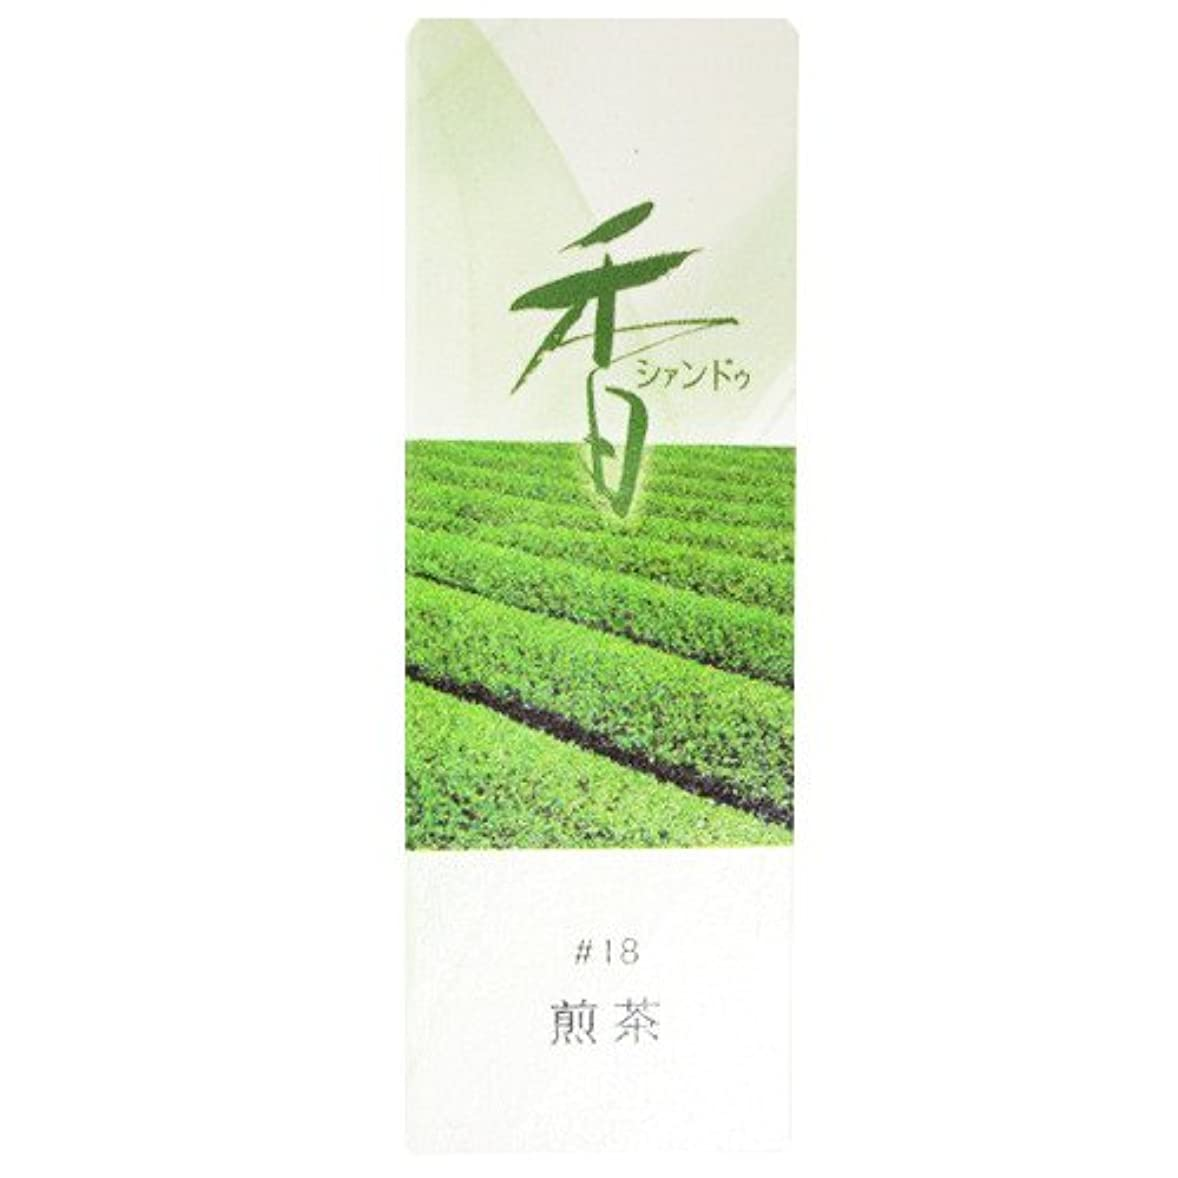 シルク死ぬウィスキー松栄堂のお香 Xiang Do(シャンドゥ) 煎茶 ST20本入 簡易香立付 #214218